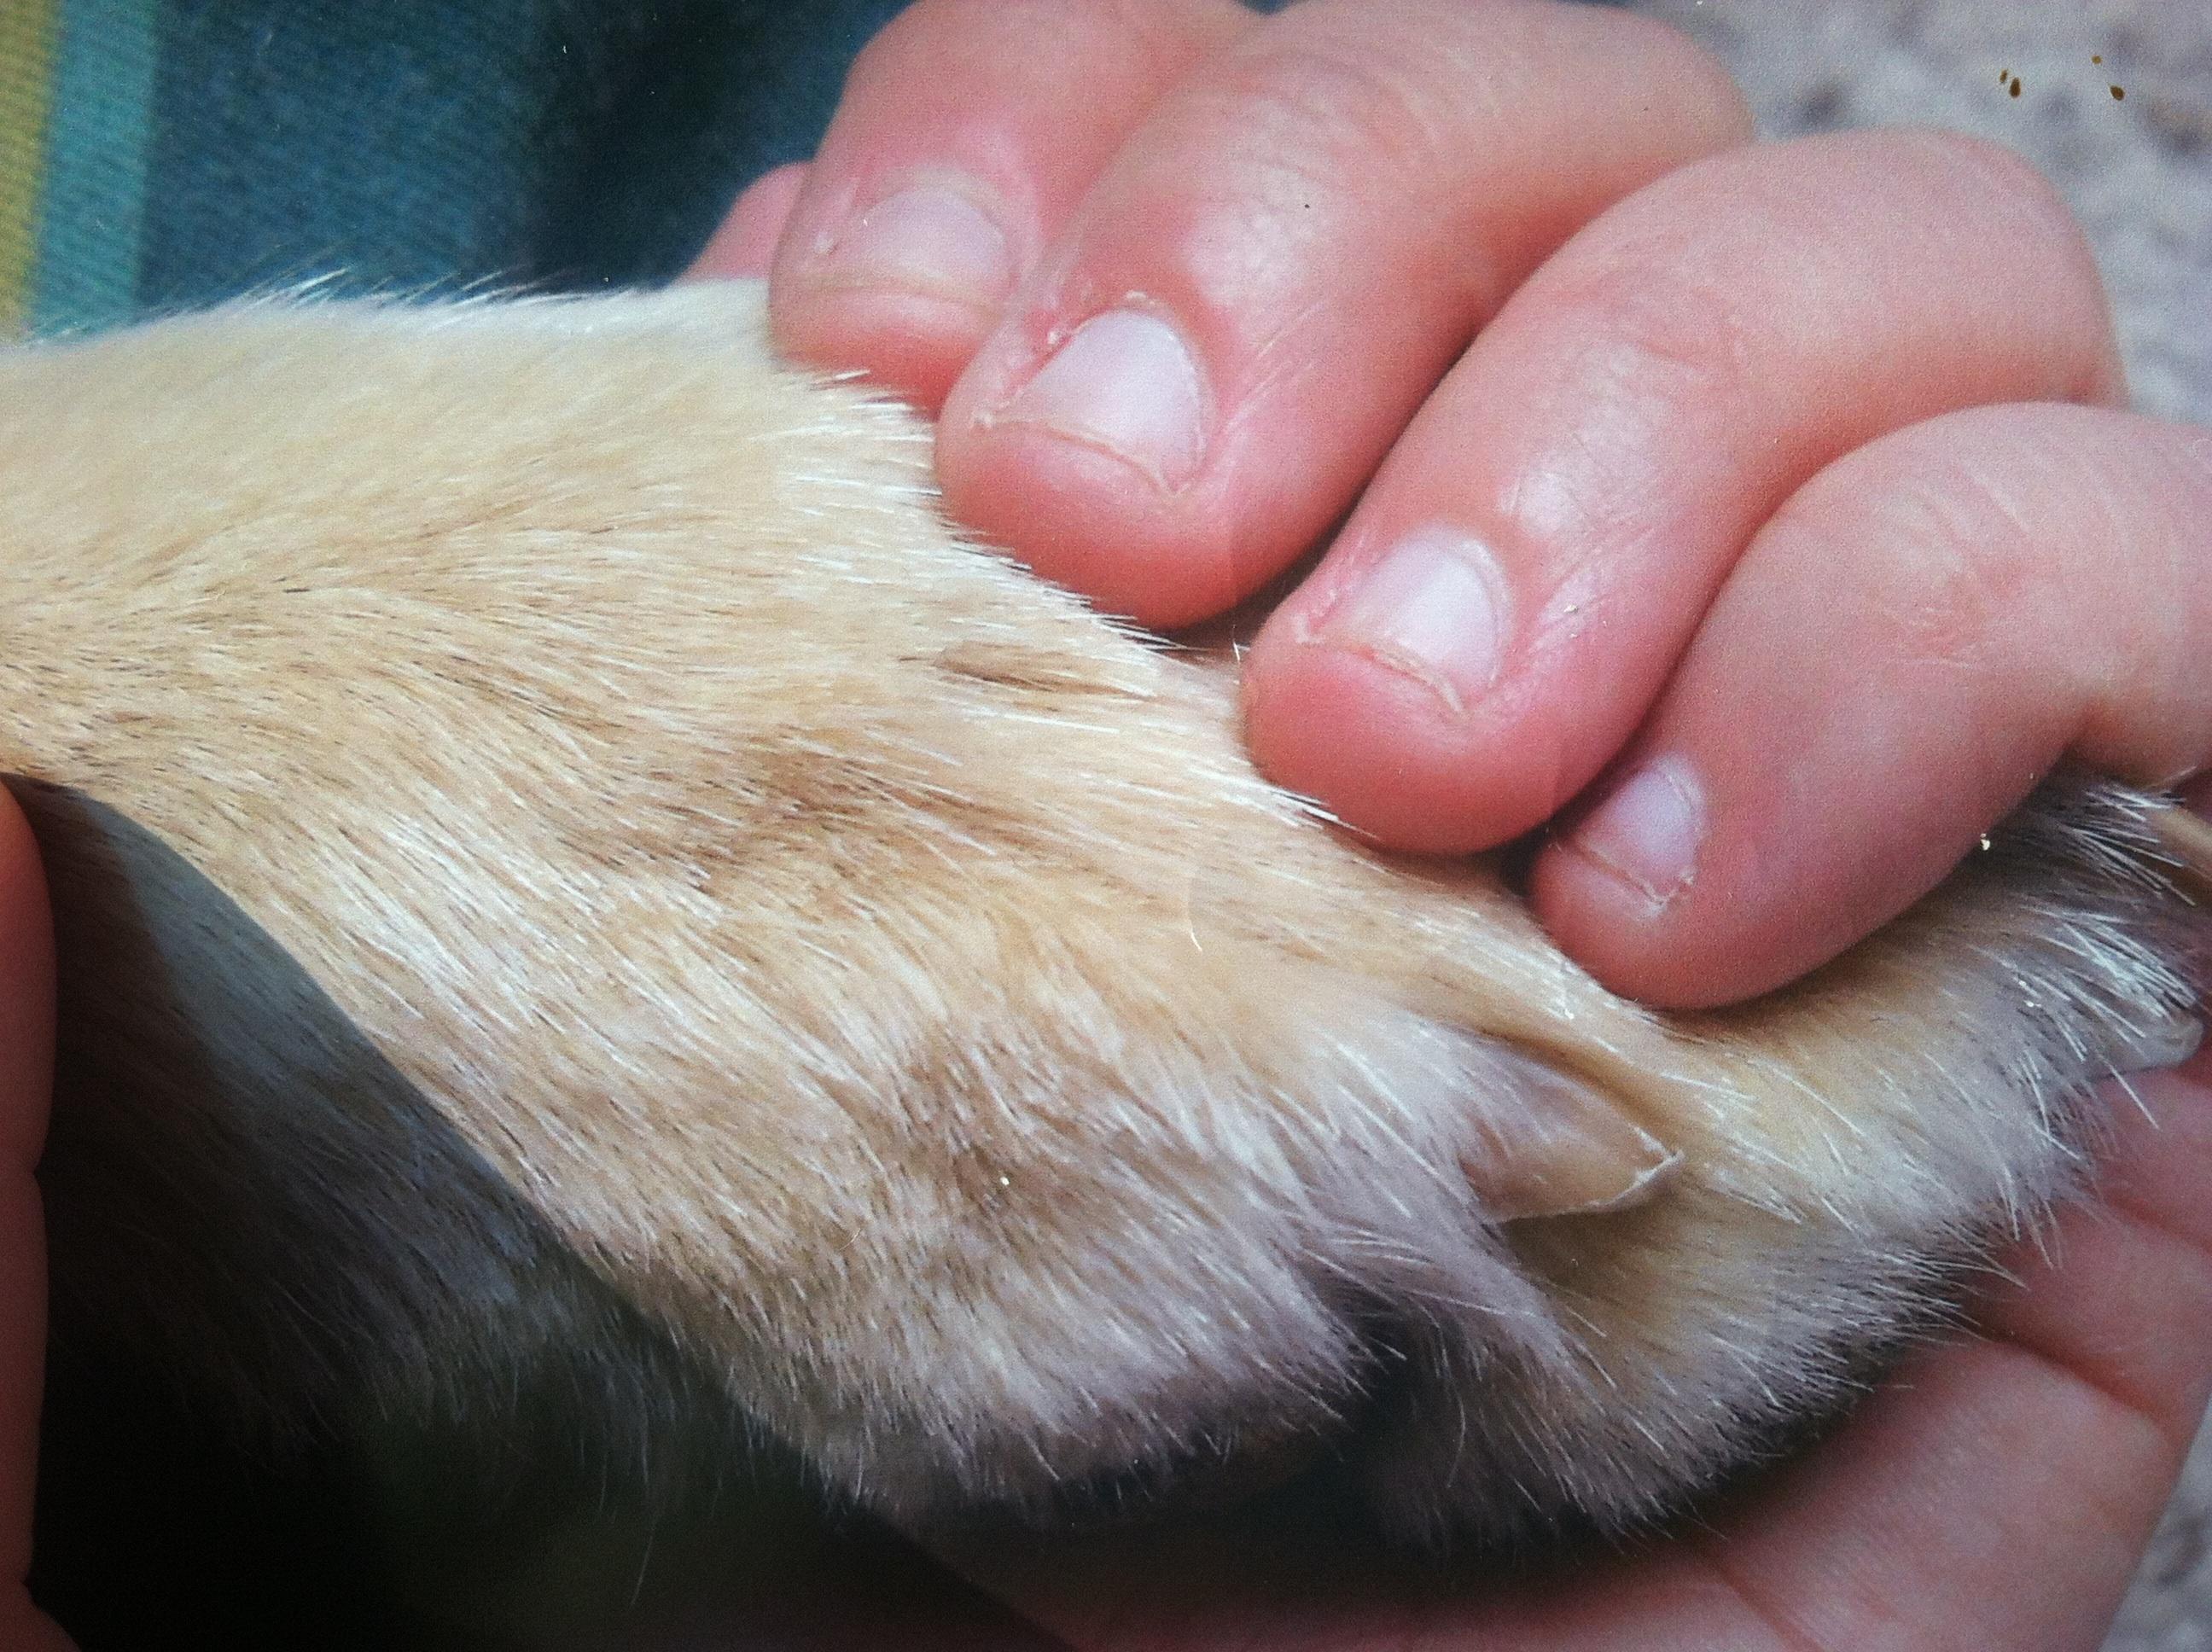 nail biting – horrendous color